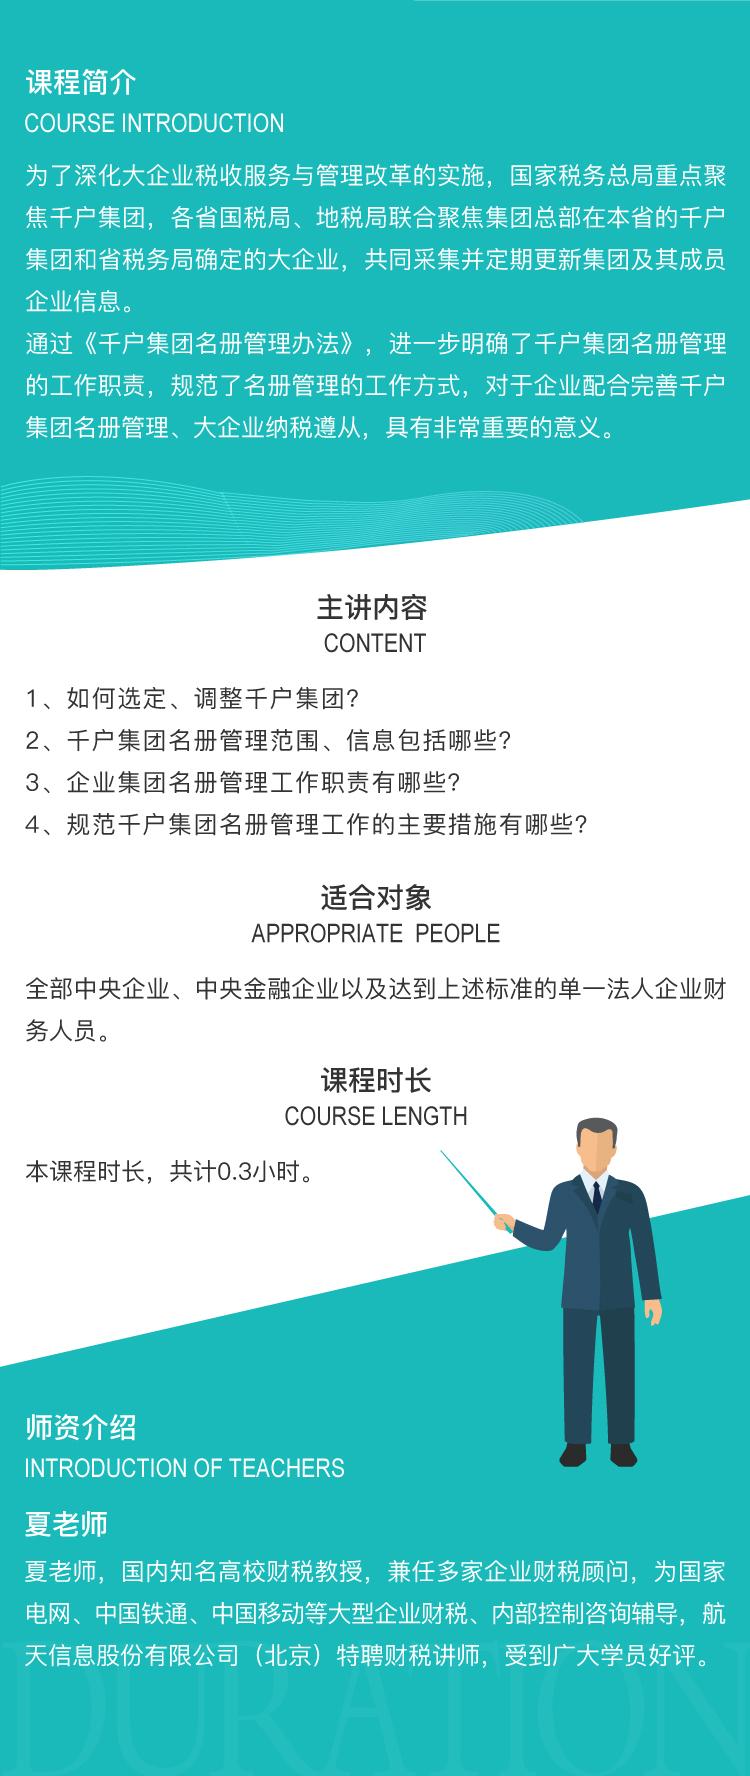 国家税务总局关于发布《千户集团名册管理办法》的公告.jpg